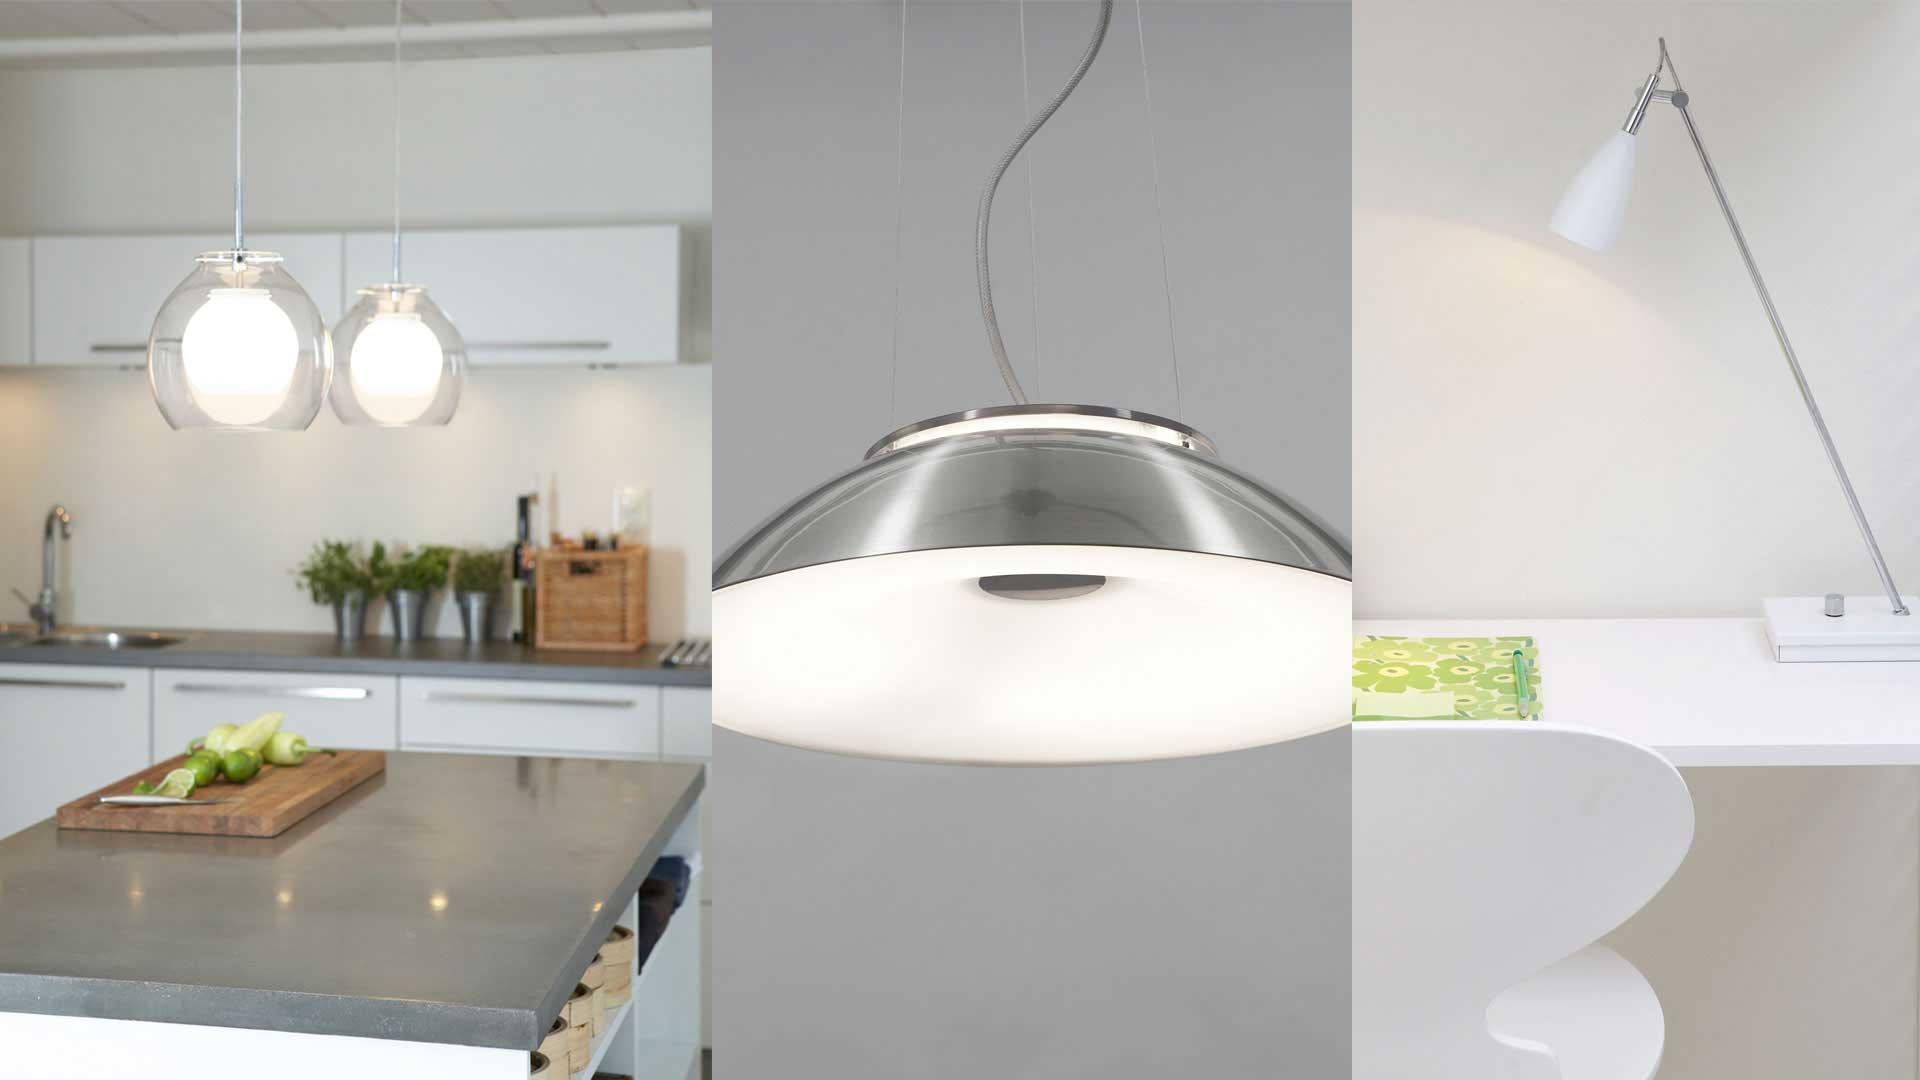 Frilansdesigner & formgivare ISELA i Halland designar möbler, lampor, interiör men är även formgivare av smycken.